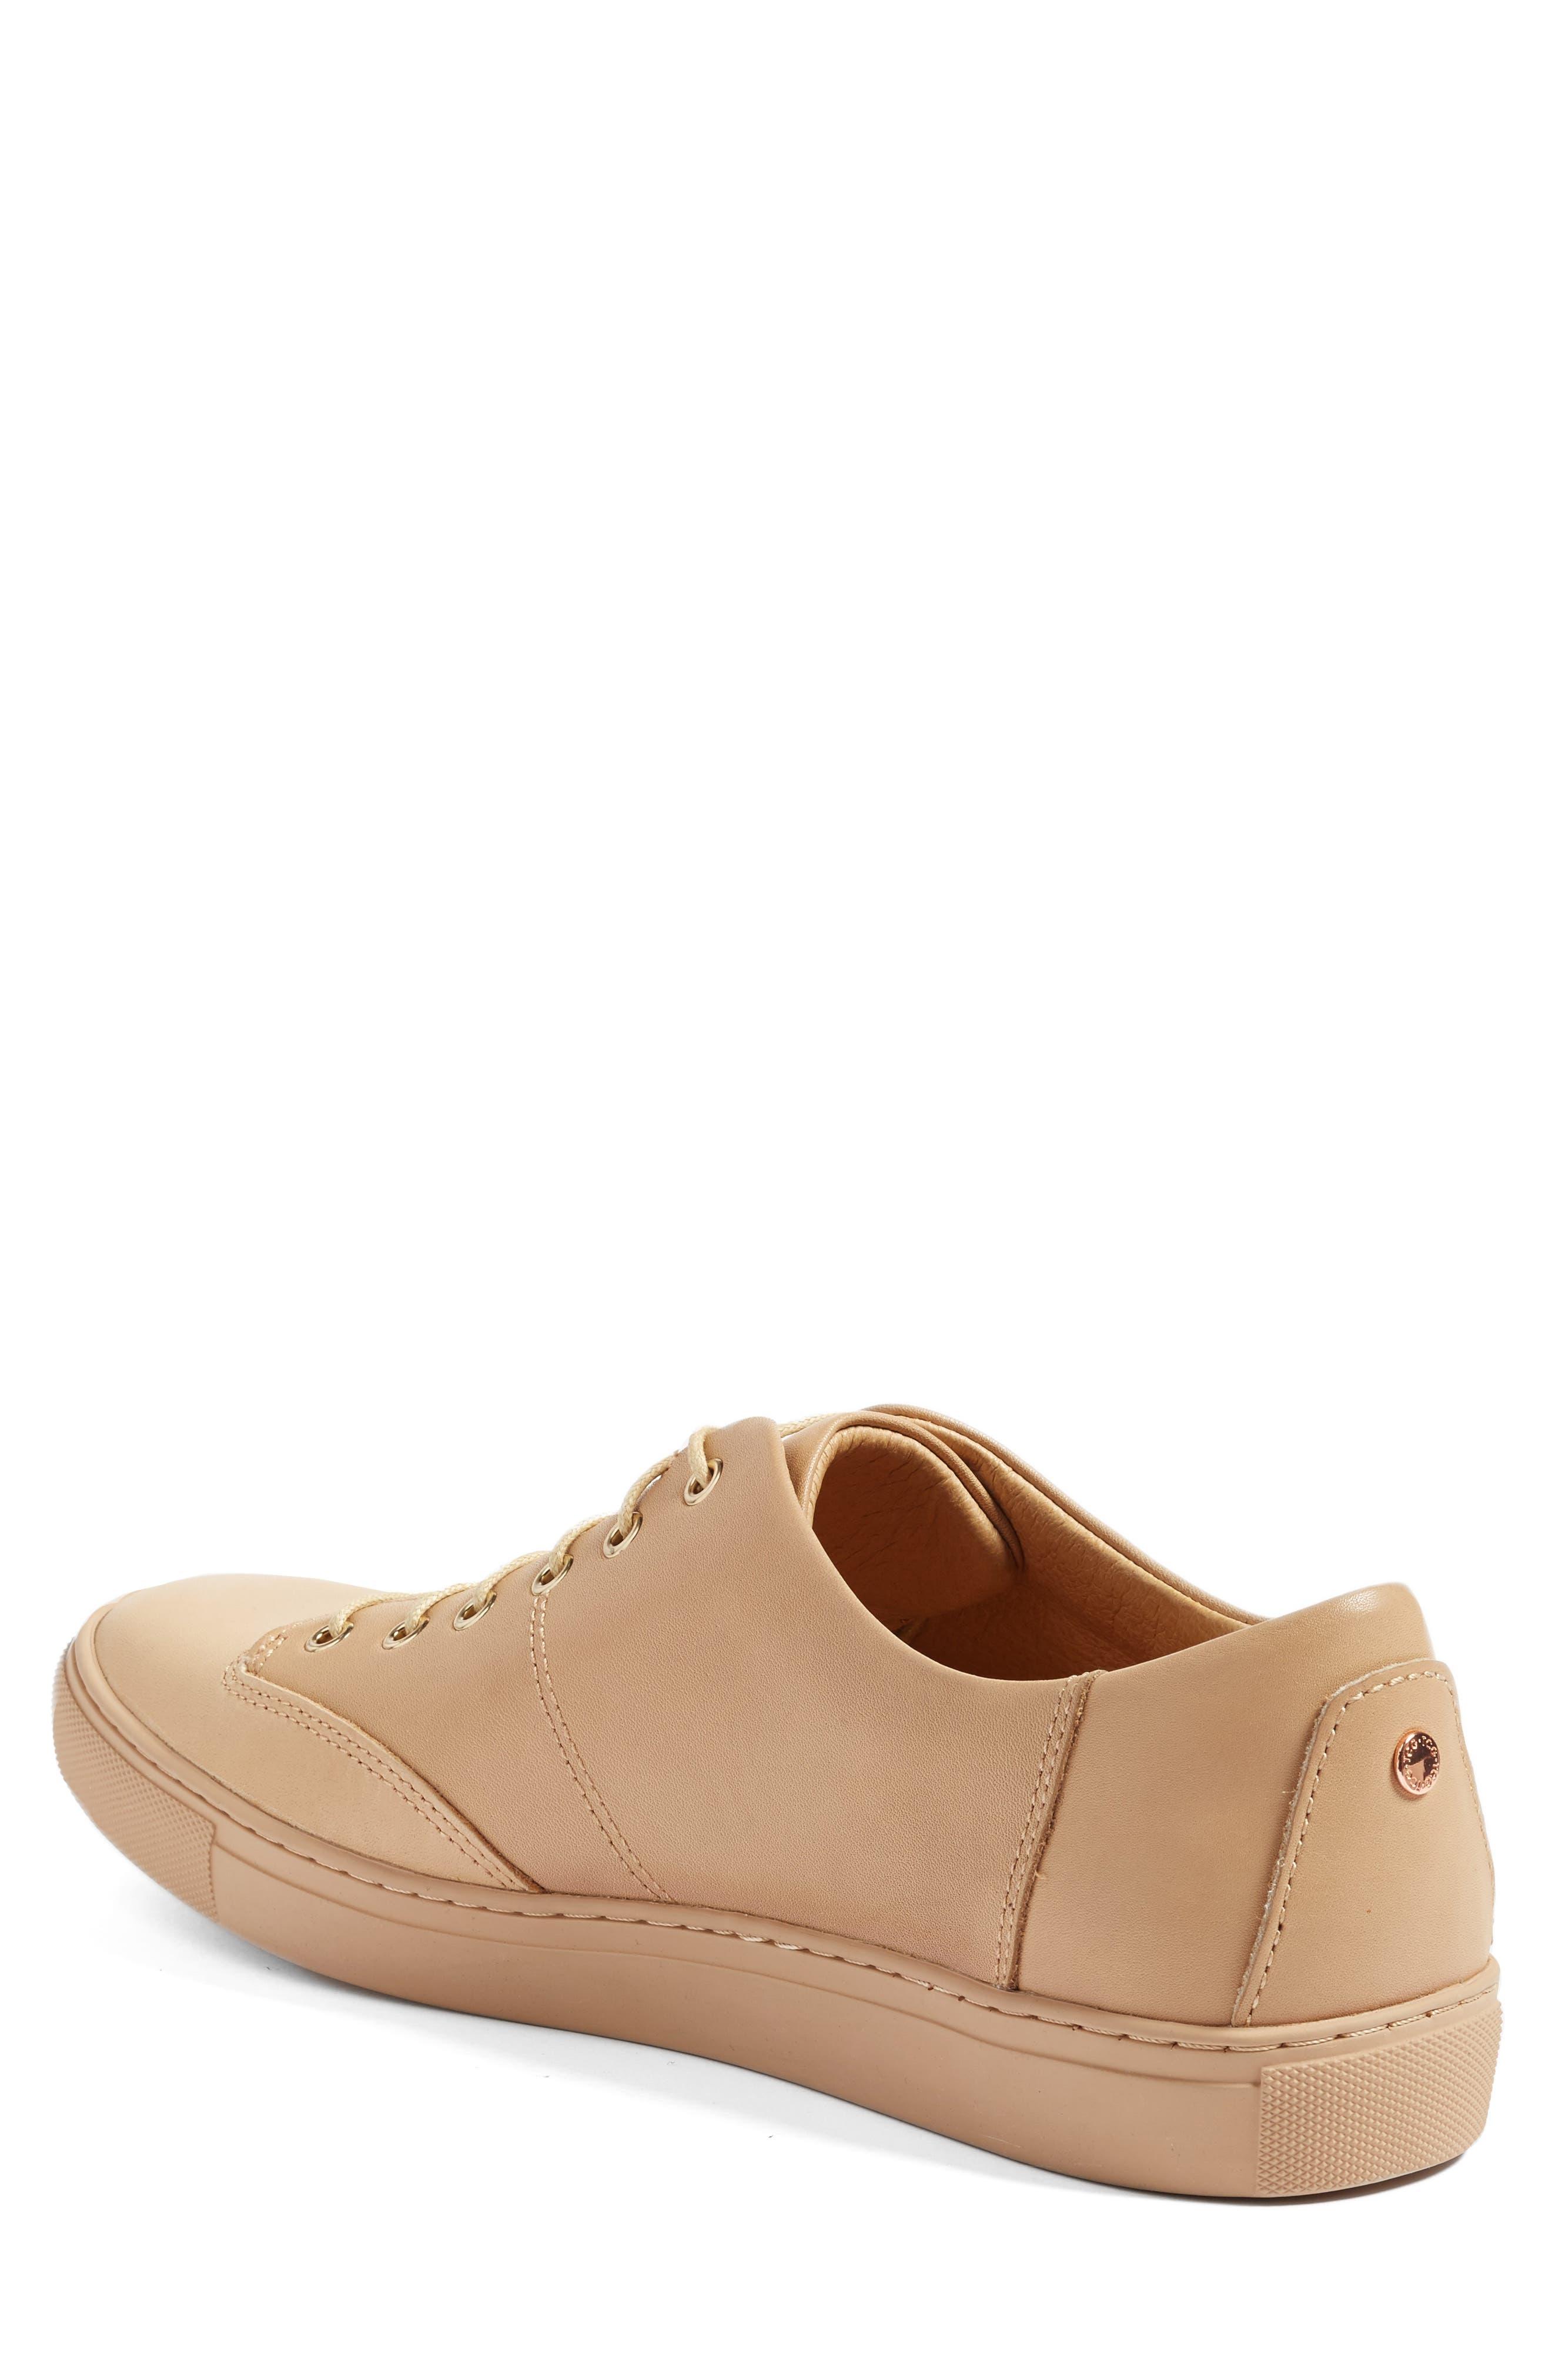 Cooper Sneaker,                             Alternate thumbnail 10, color,